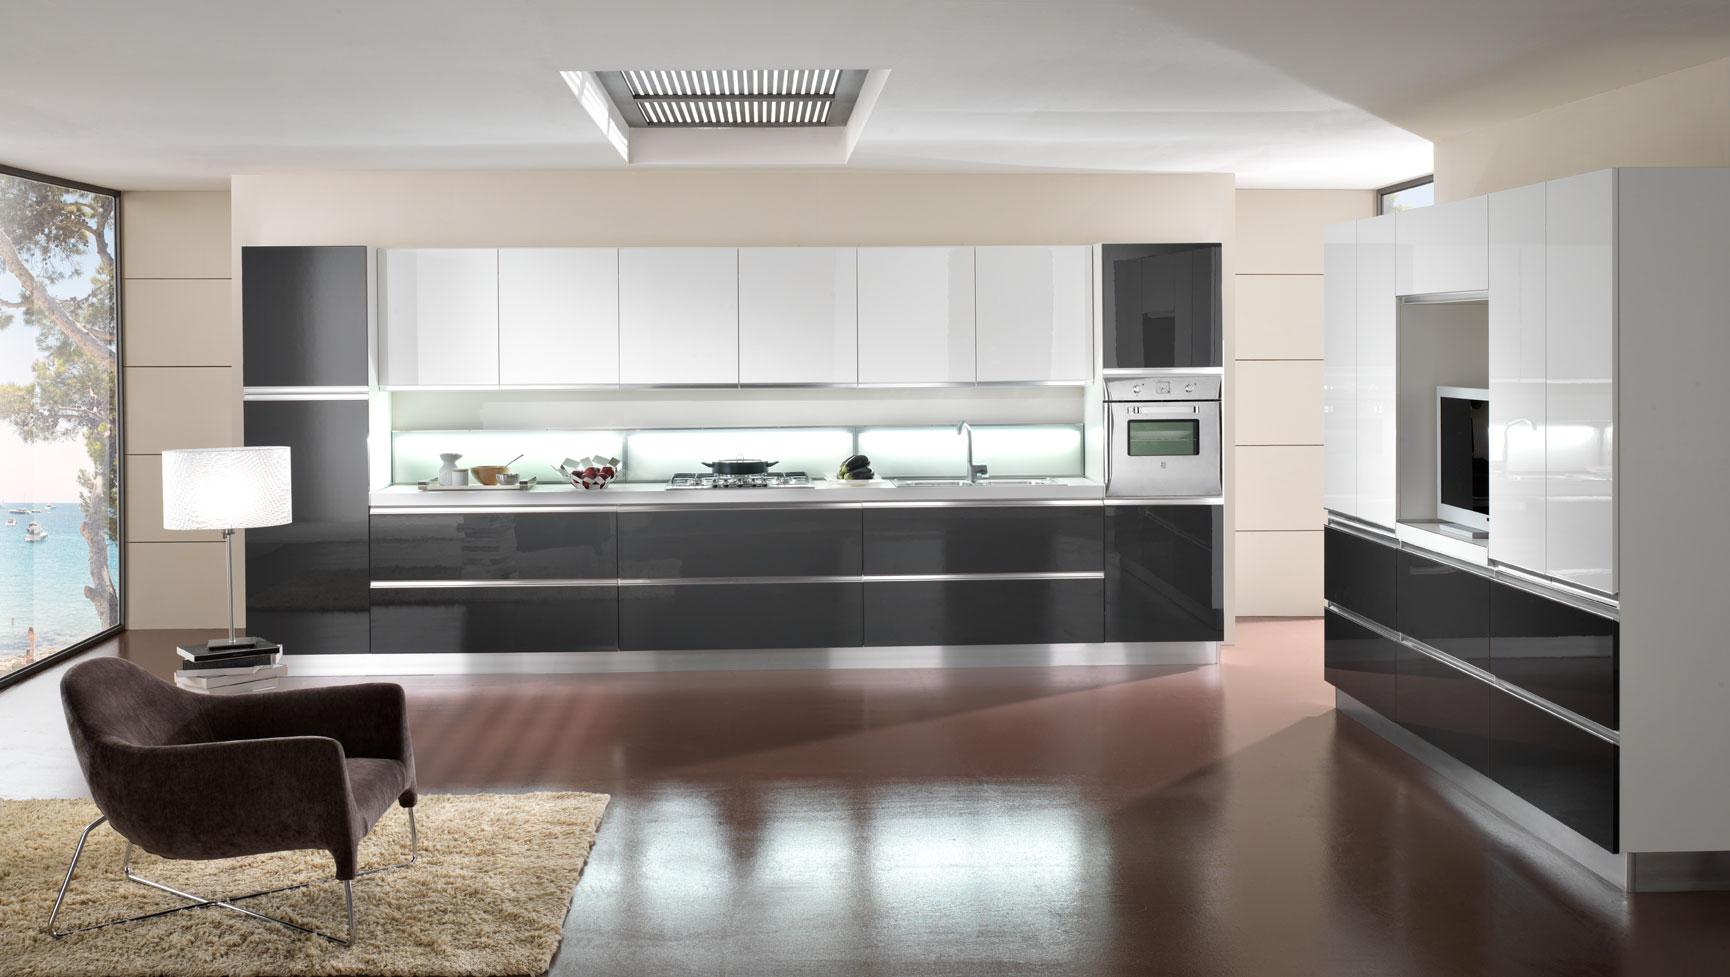 Cucina moderna anta gola arredook ardea arredamento casa cucine camere letti divani - Cucine mobilturi ...